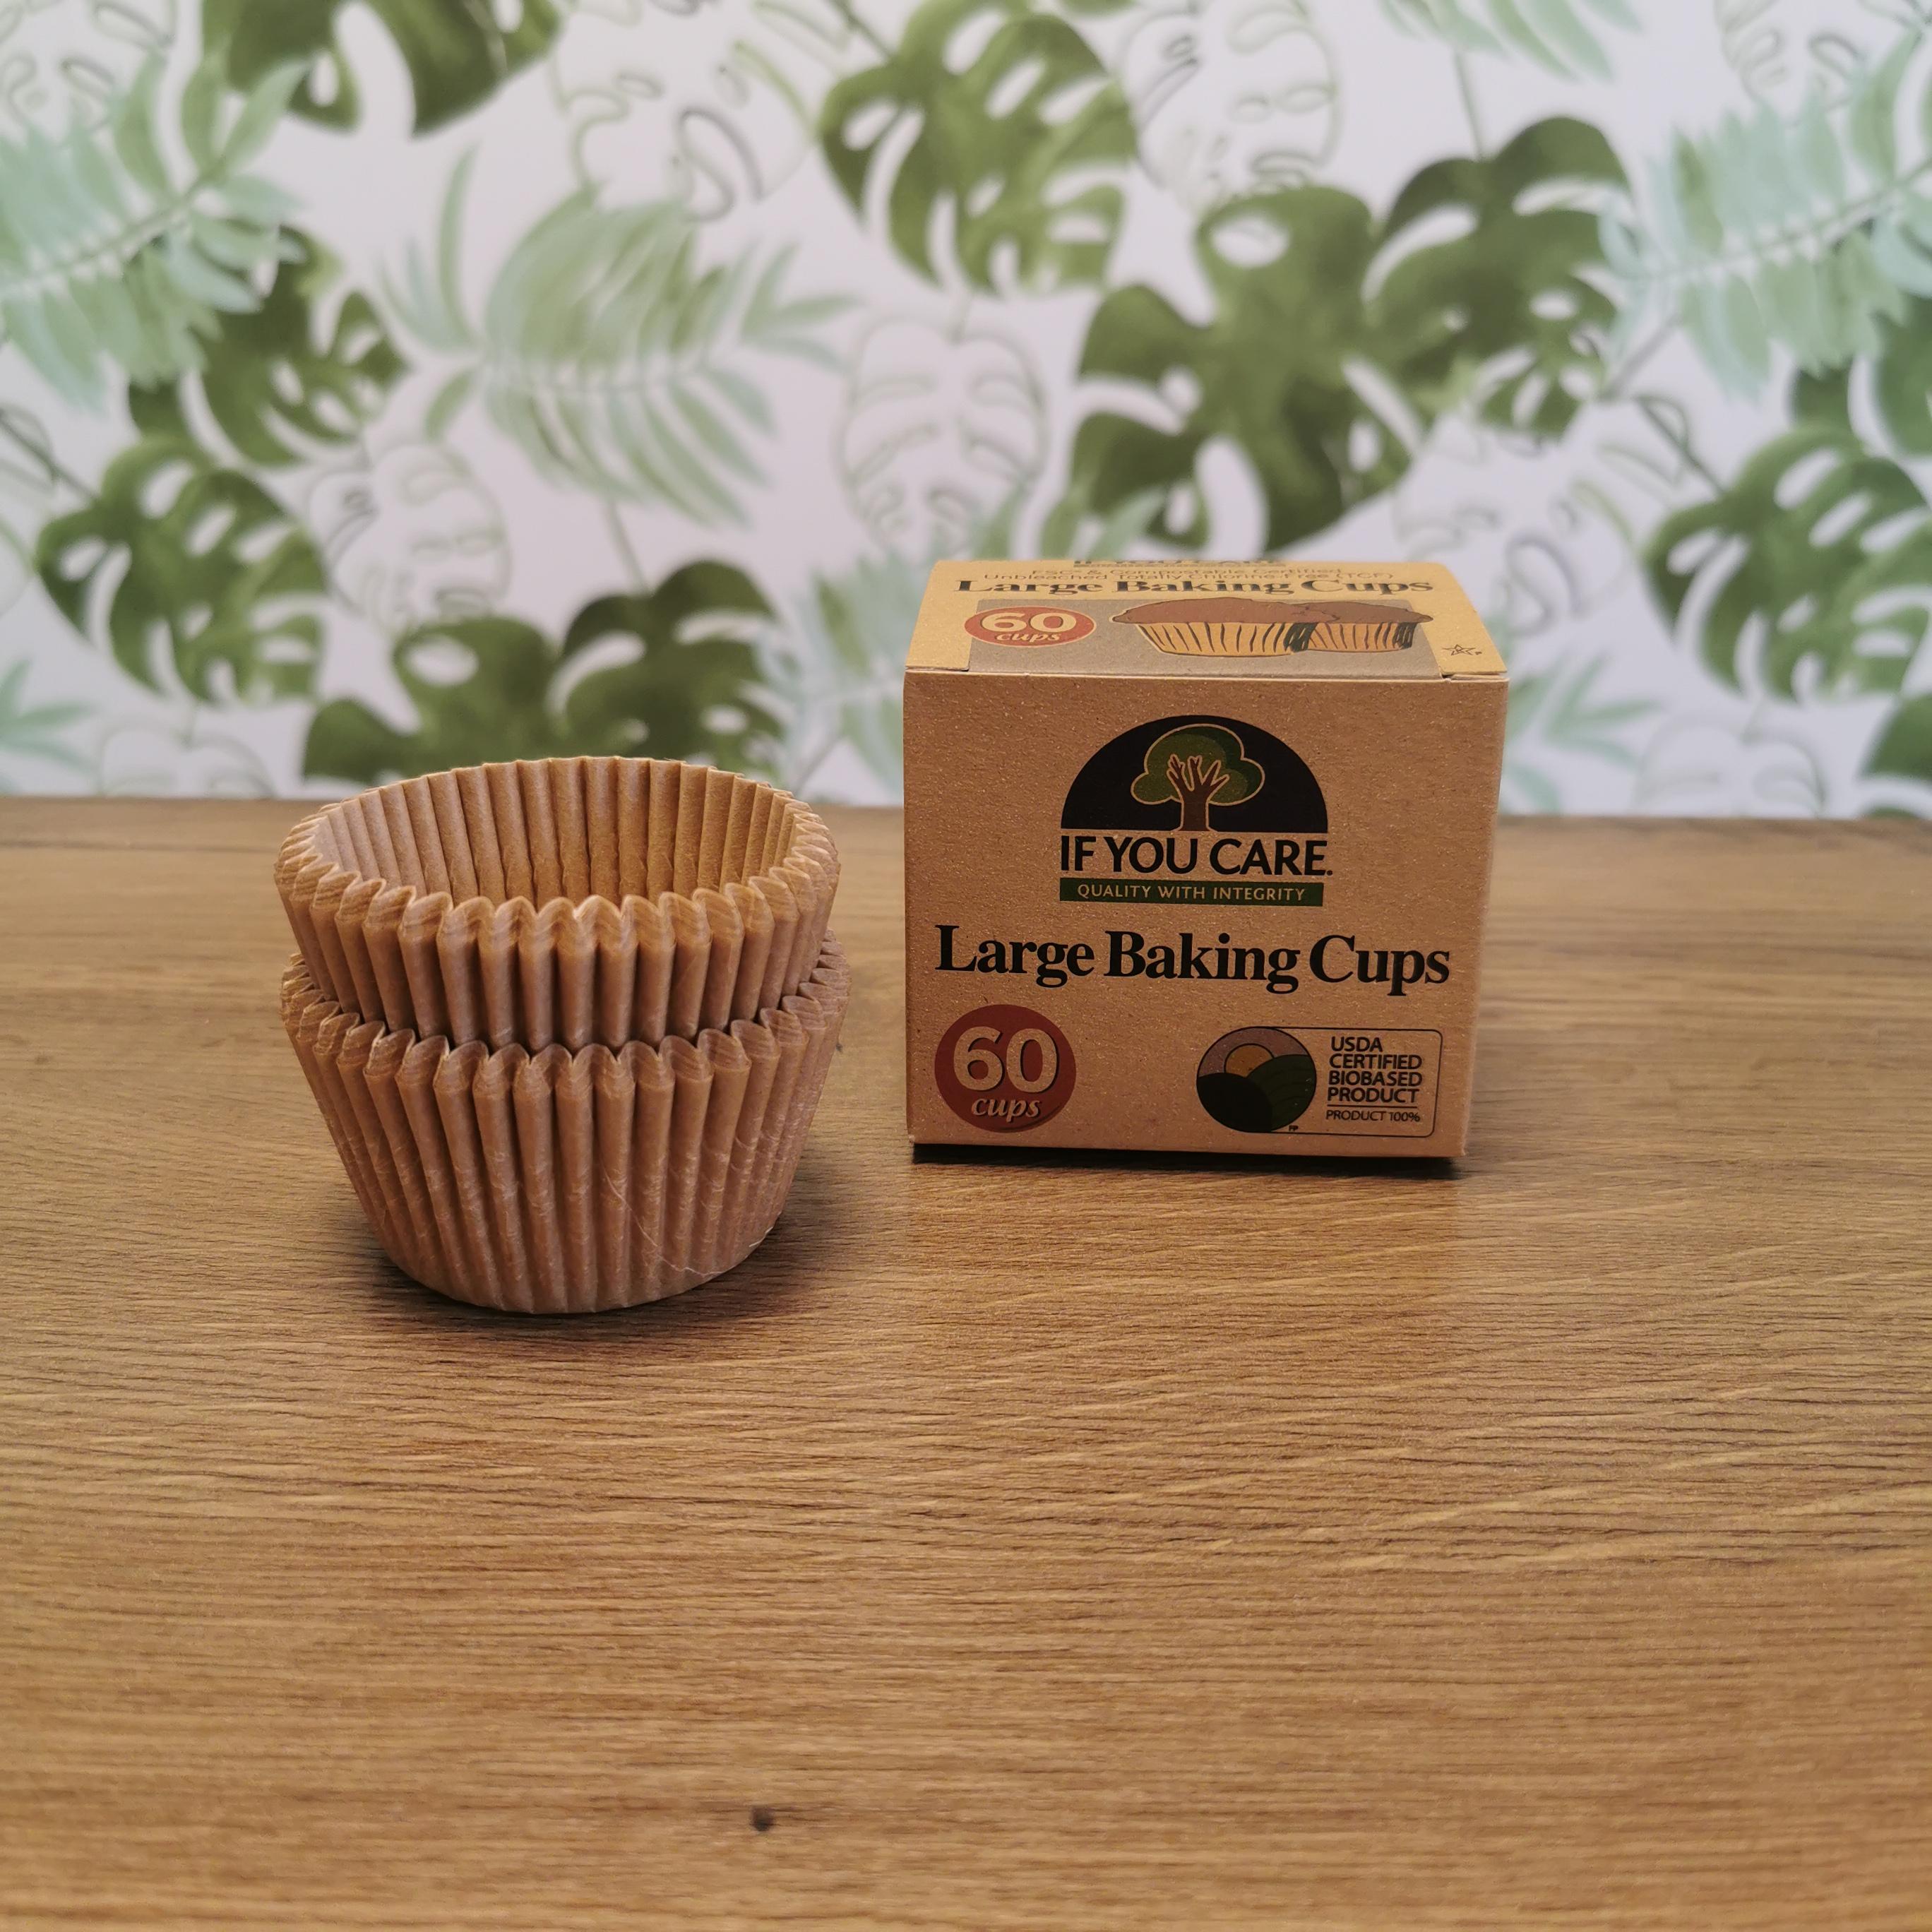 If You Care Oblekta Muffinsformar